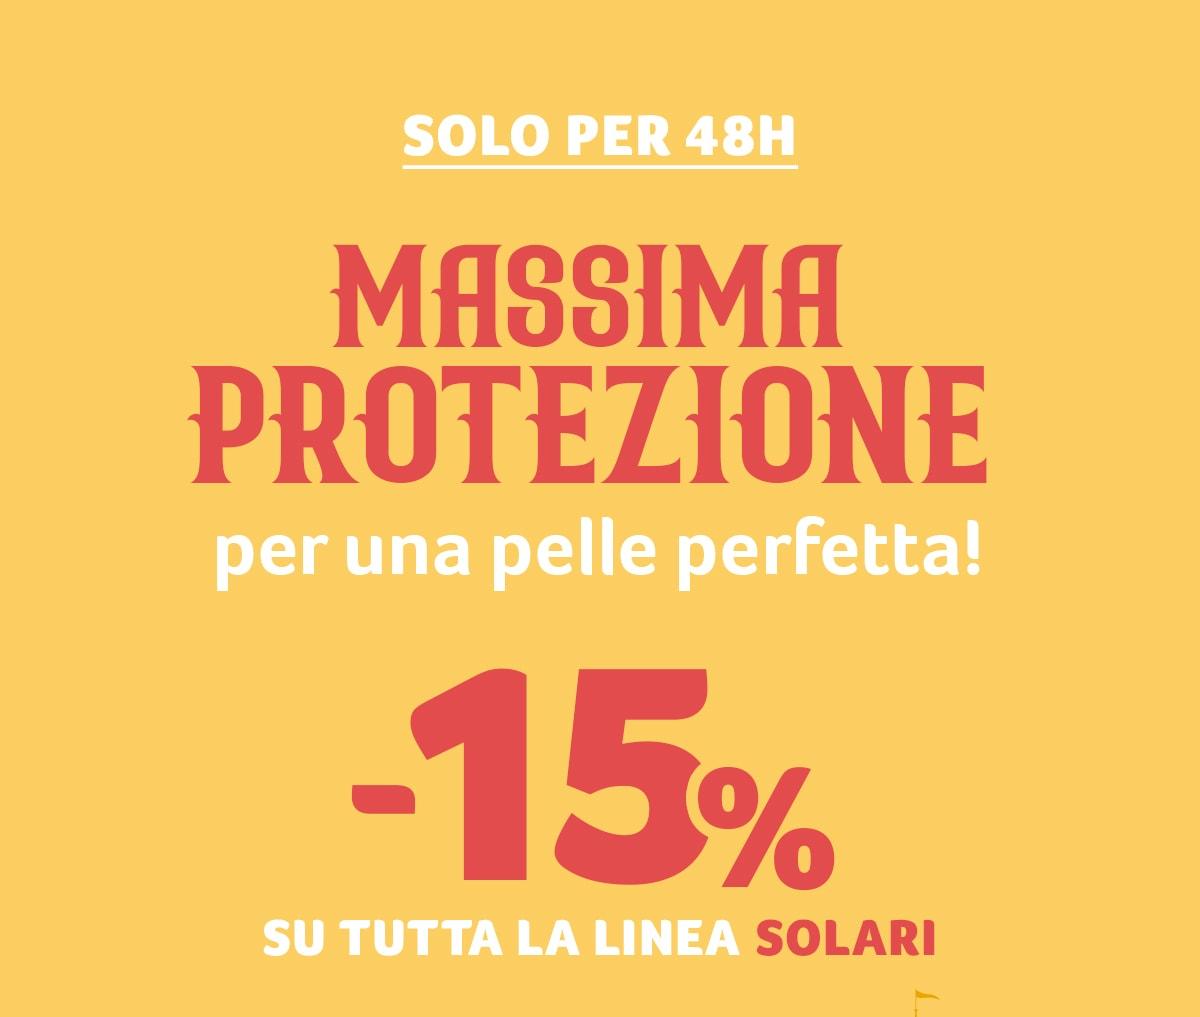 -15% su TUTTA la linea solari